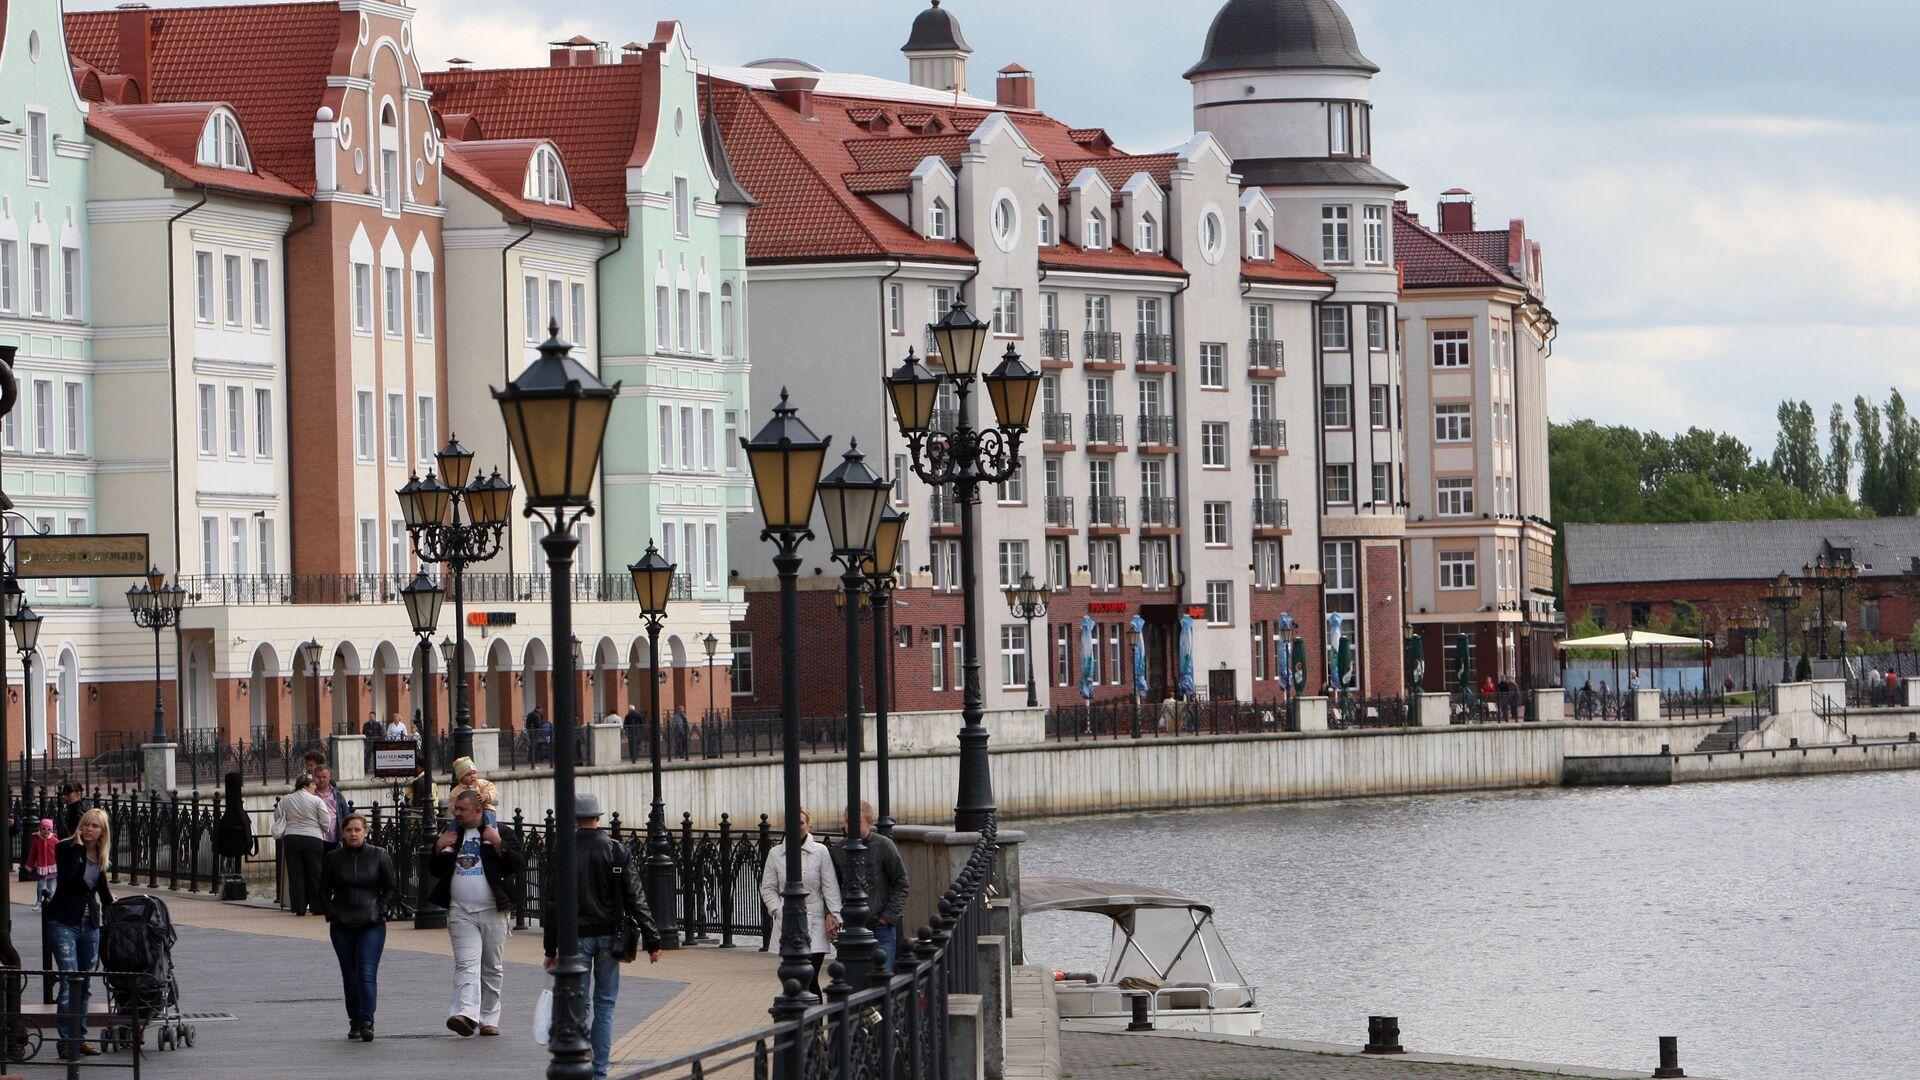 Горожане гуляют по набережной в городском квартале Рыбная деревня в Калининграде - РИА Новости, 1920, 17.02.2021